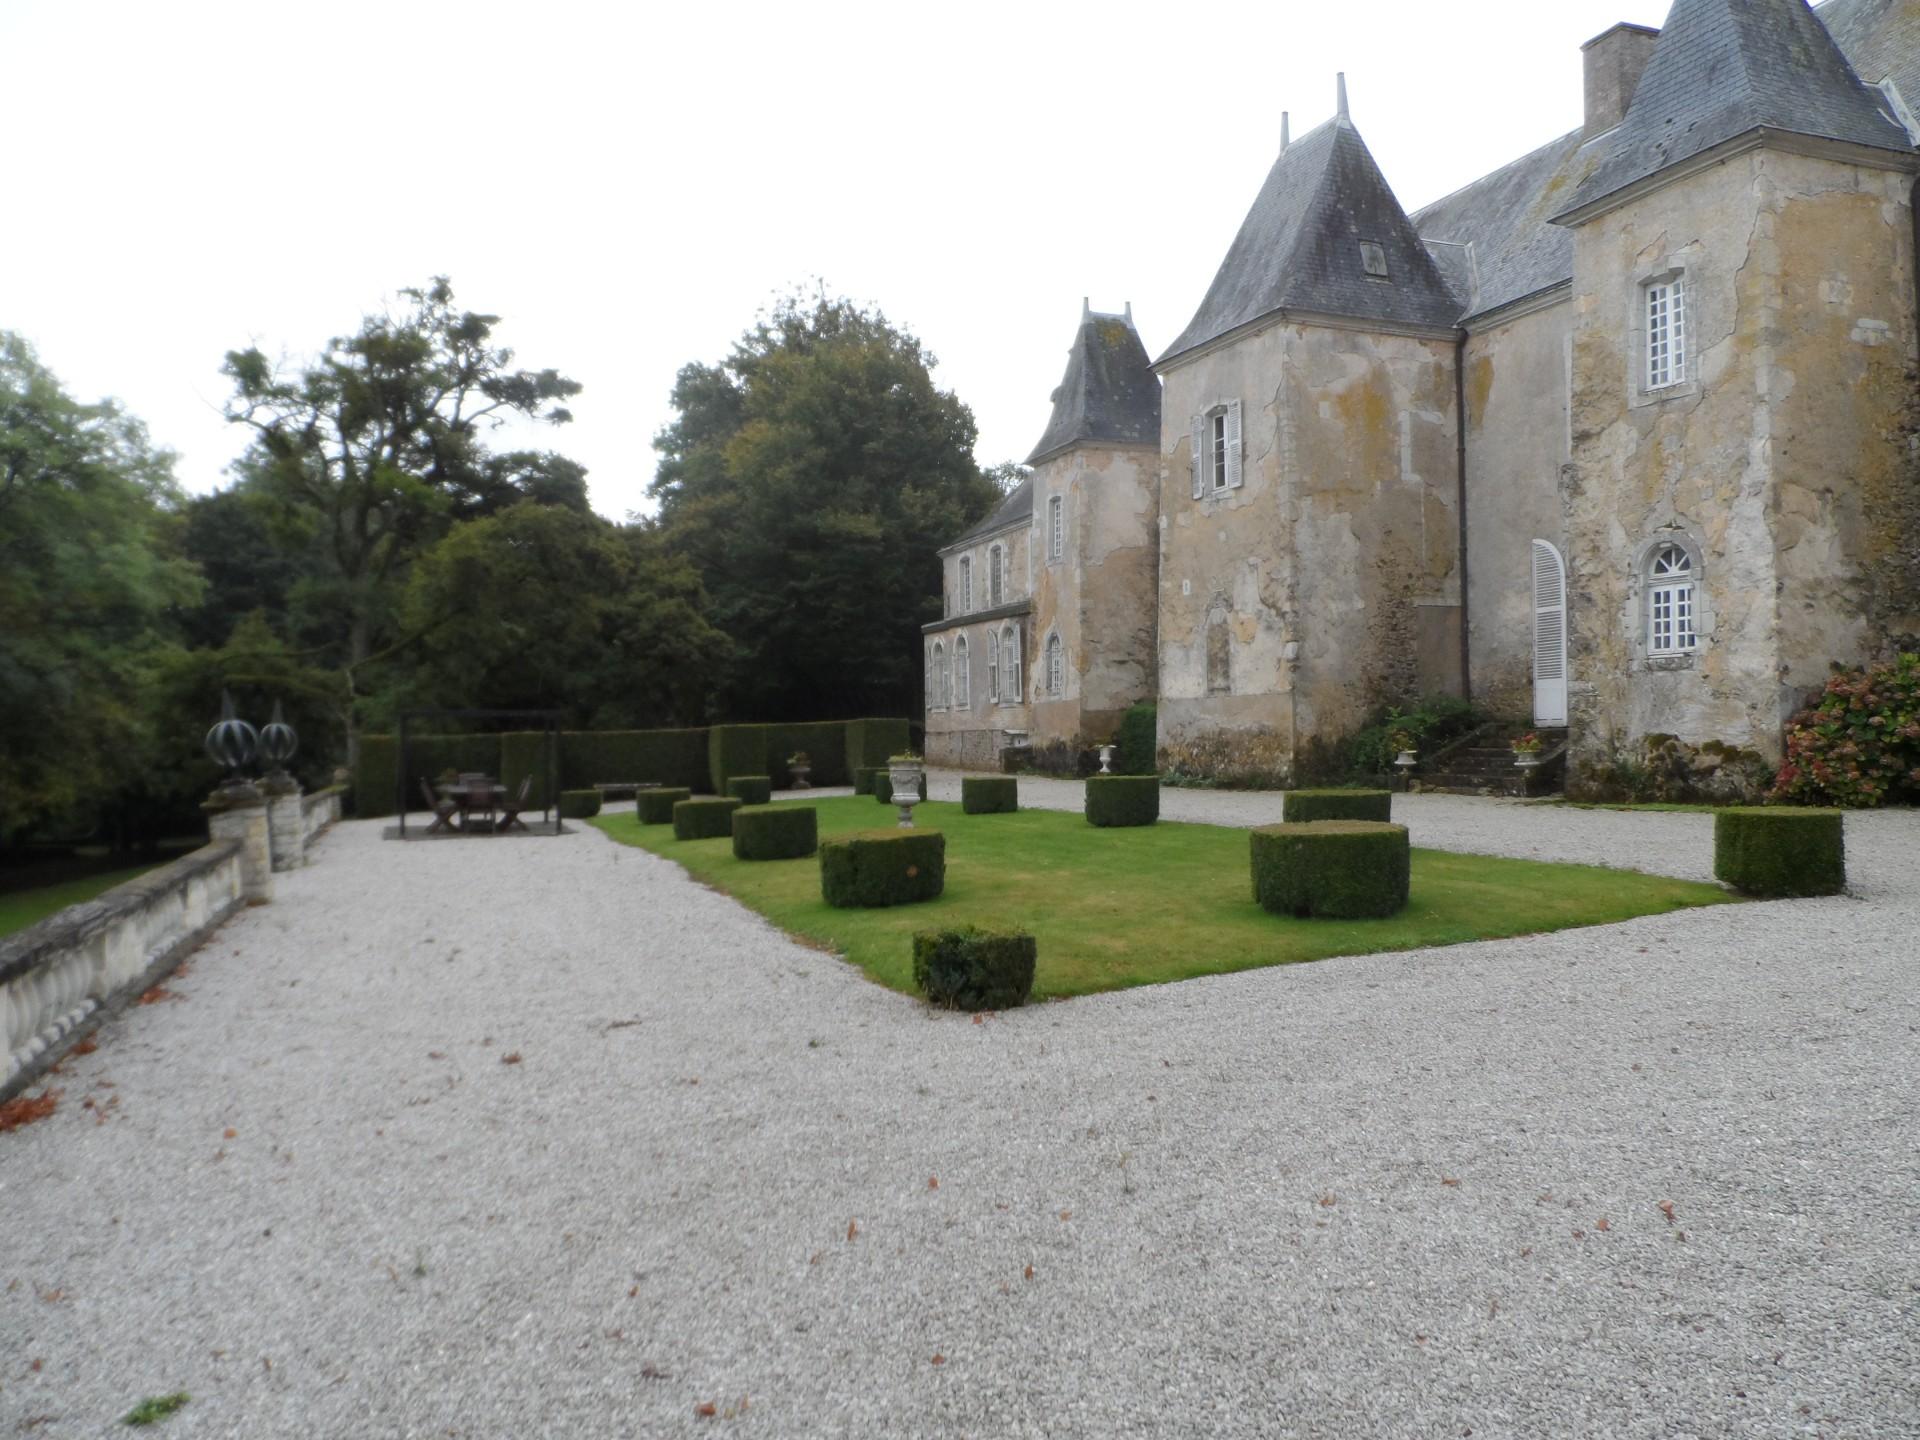 castle-le-mans-circuit-24-hour